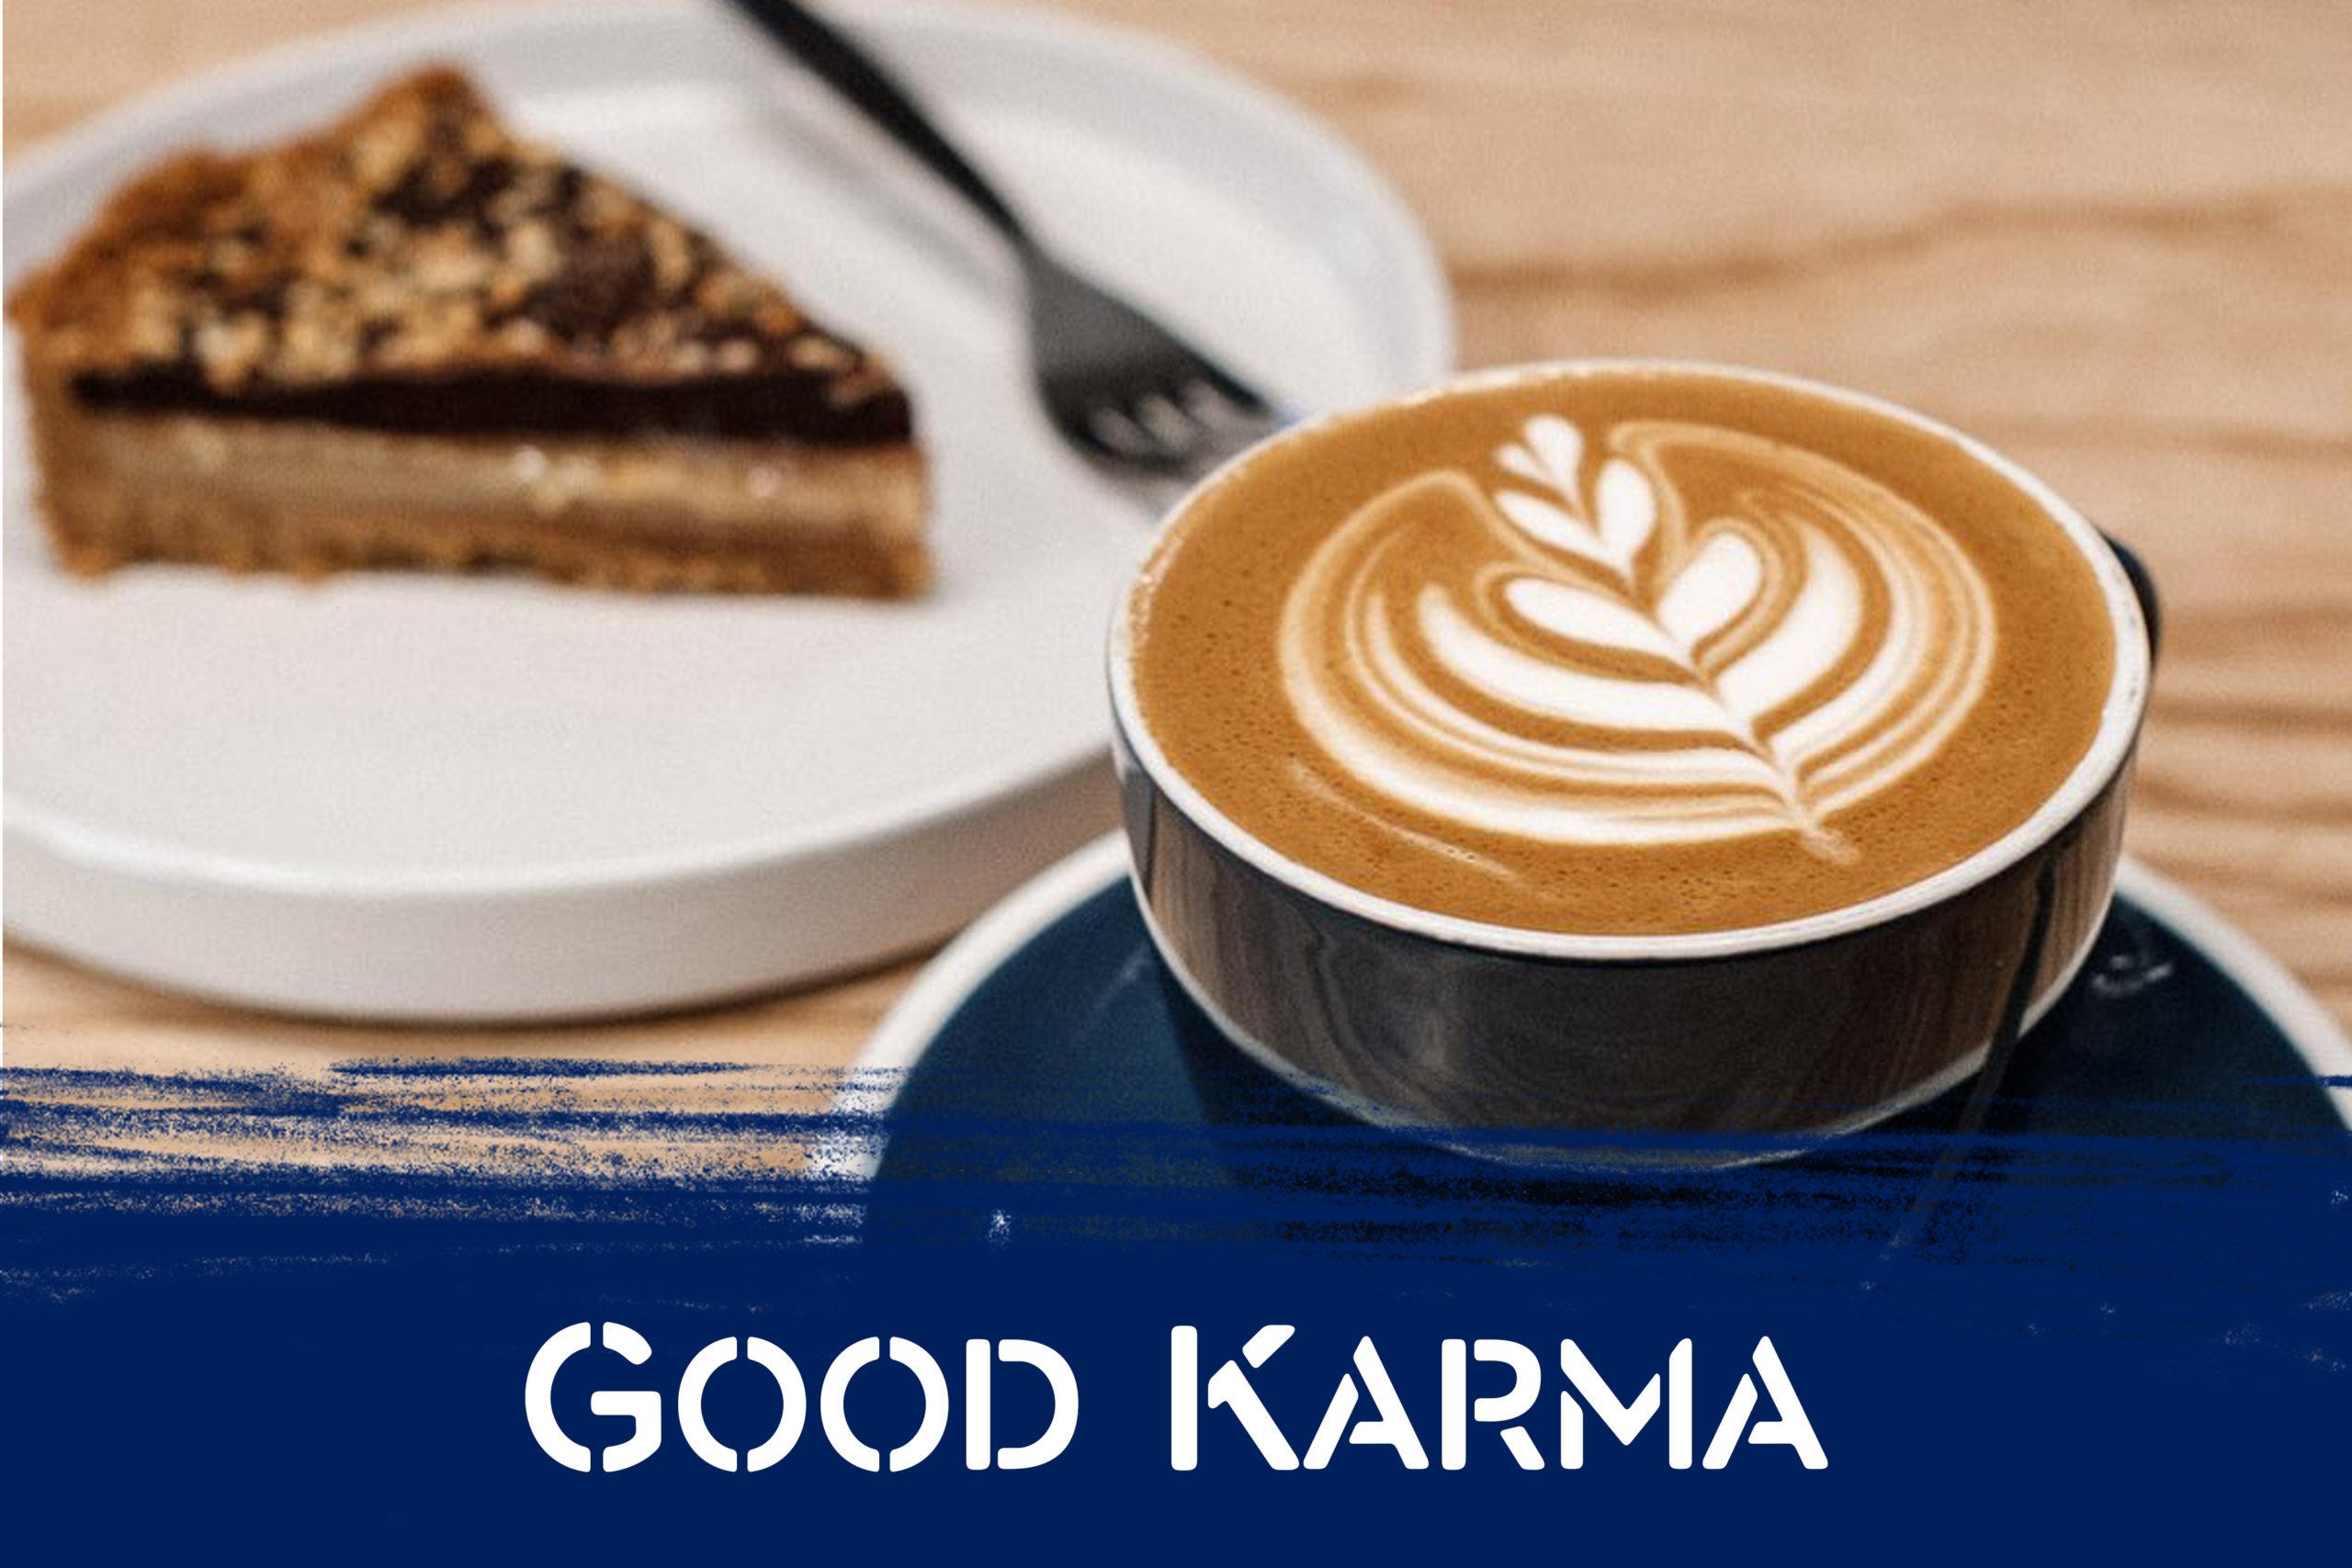 Order Good Karma coffee online